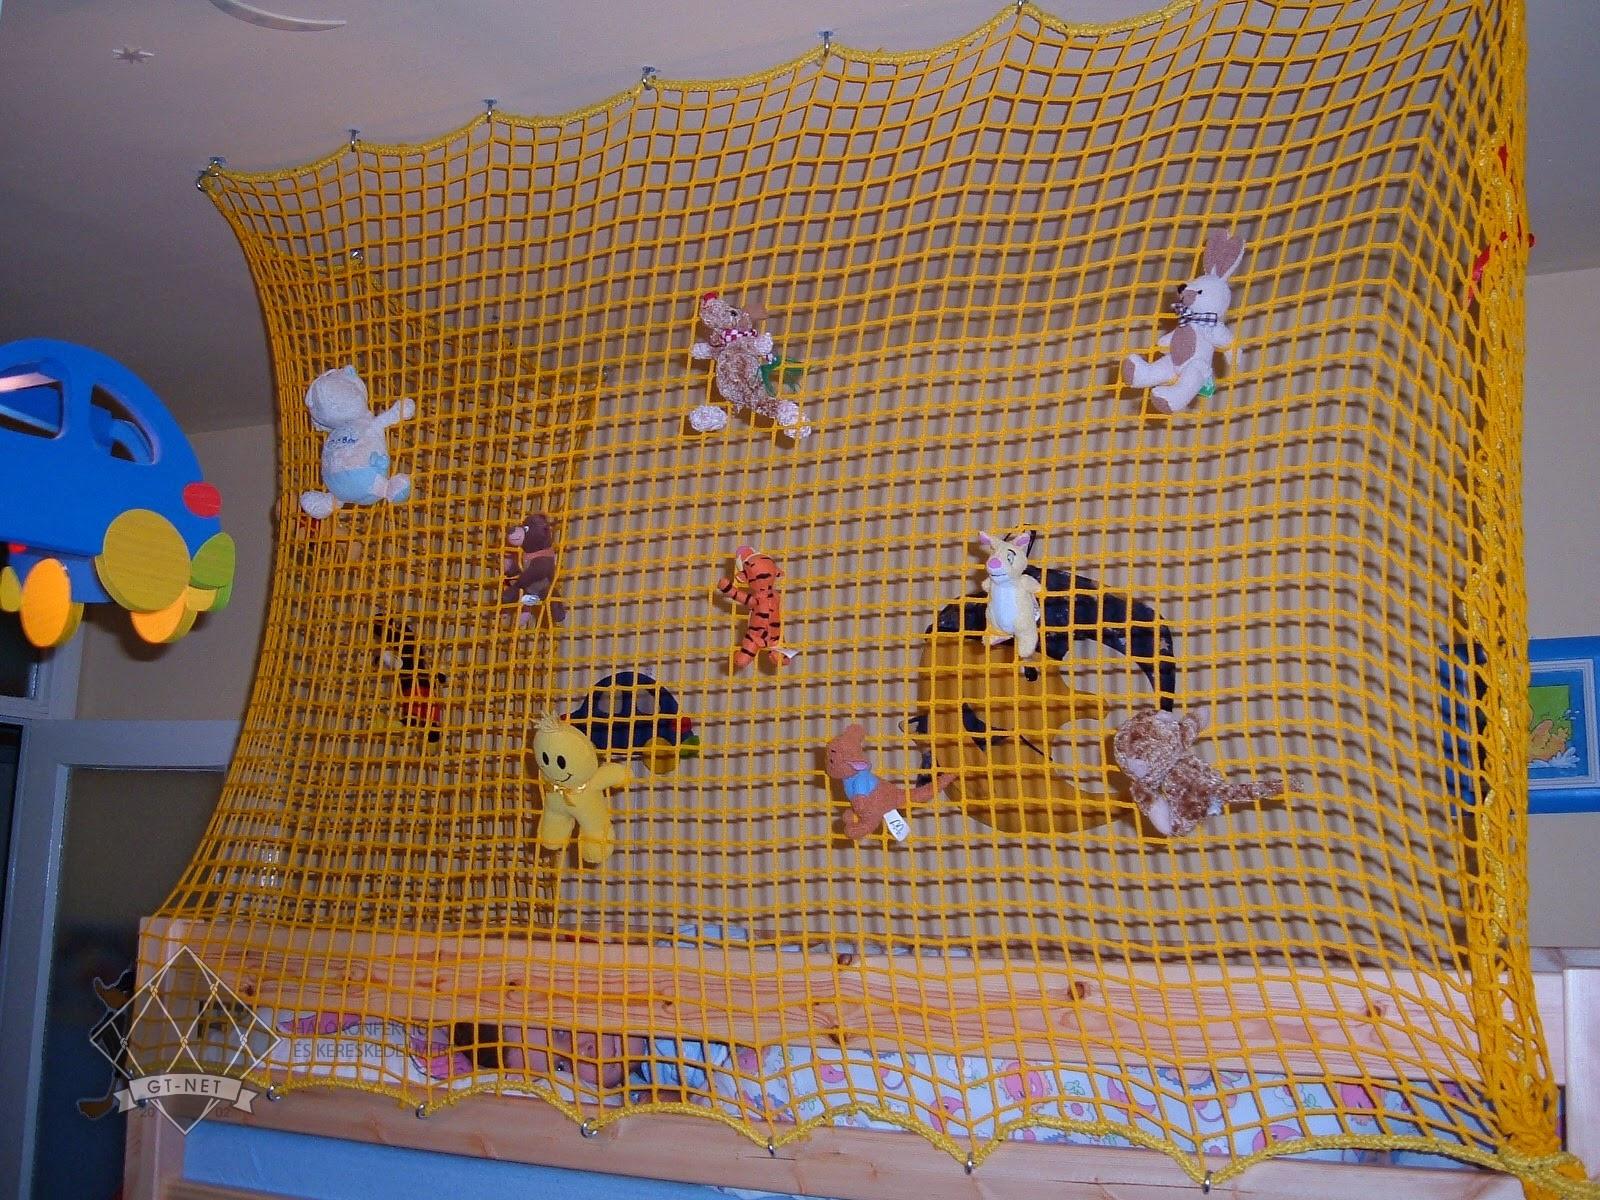 057 Védőháló emeletes gyerekágy köré